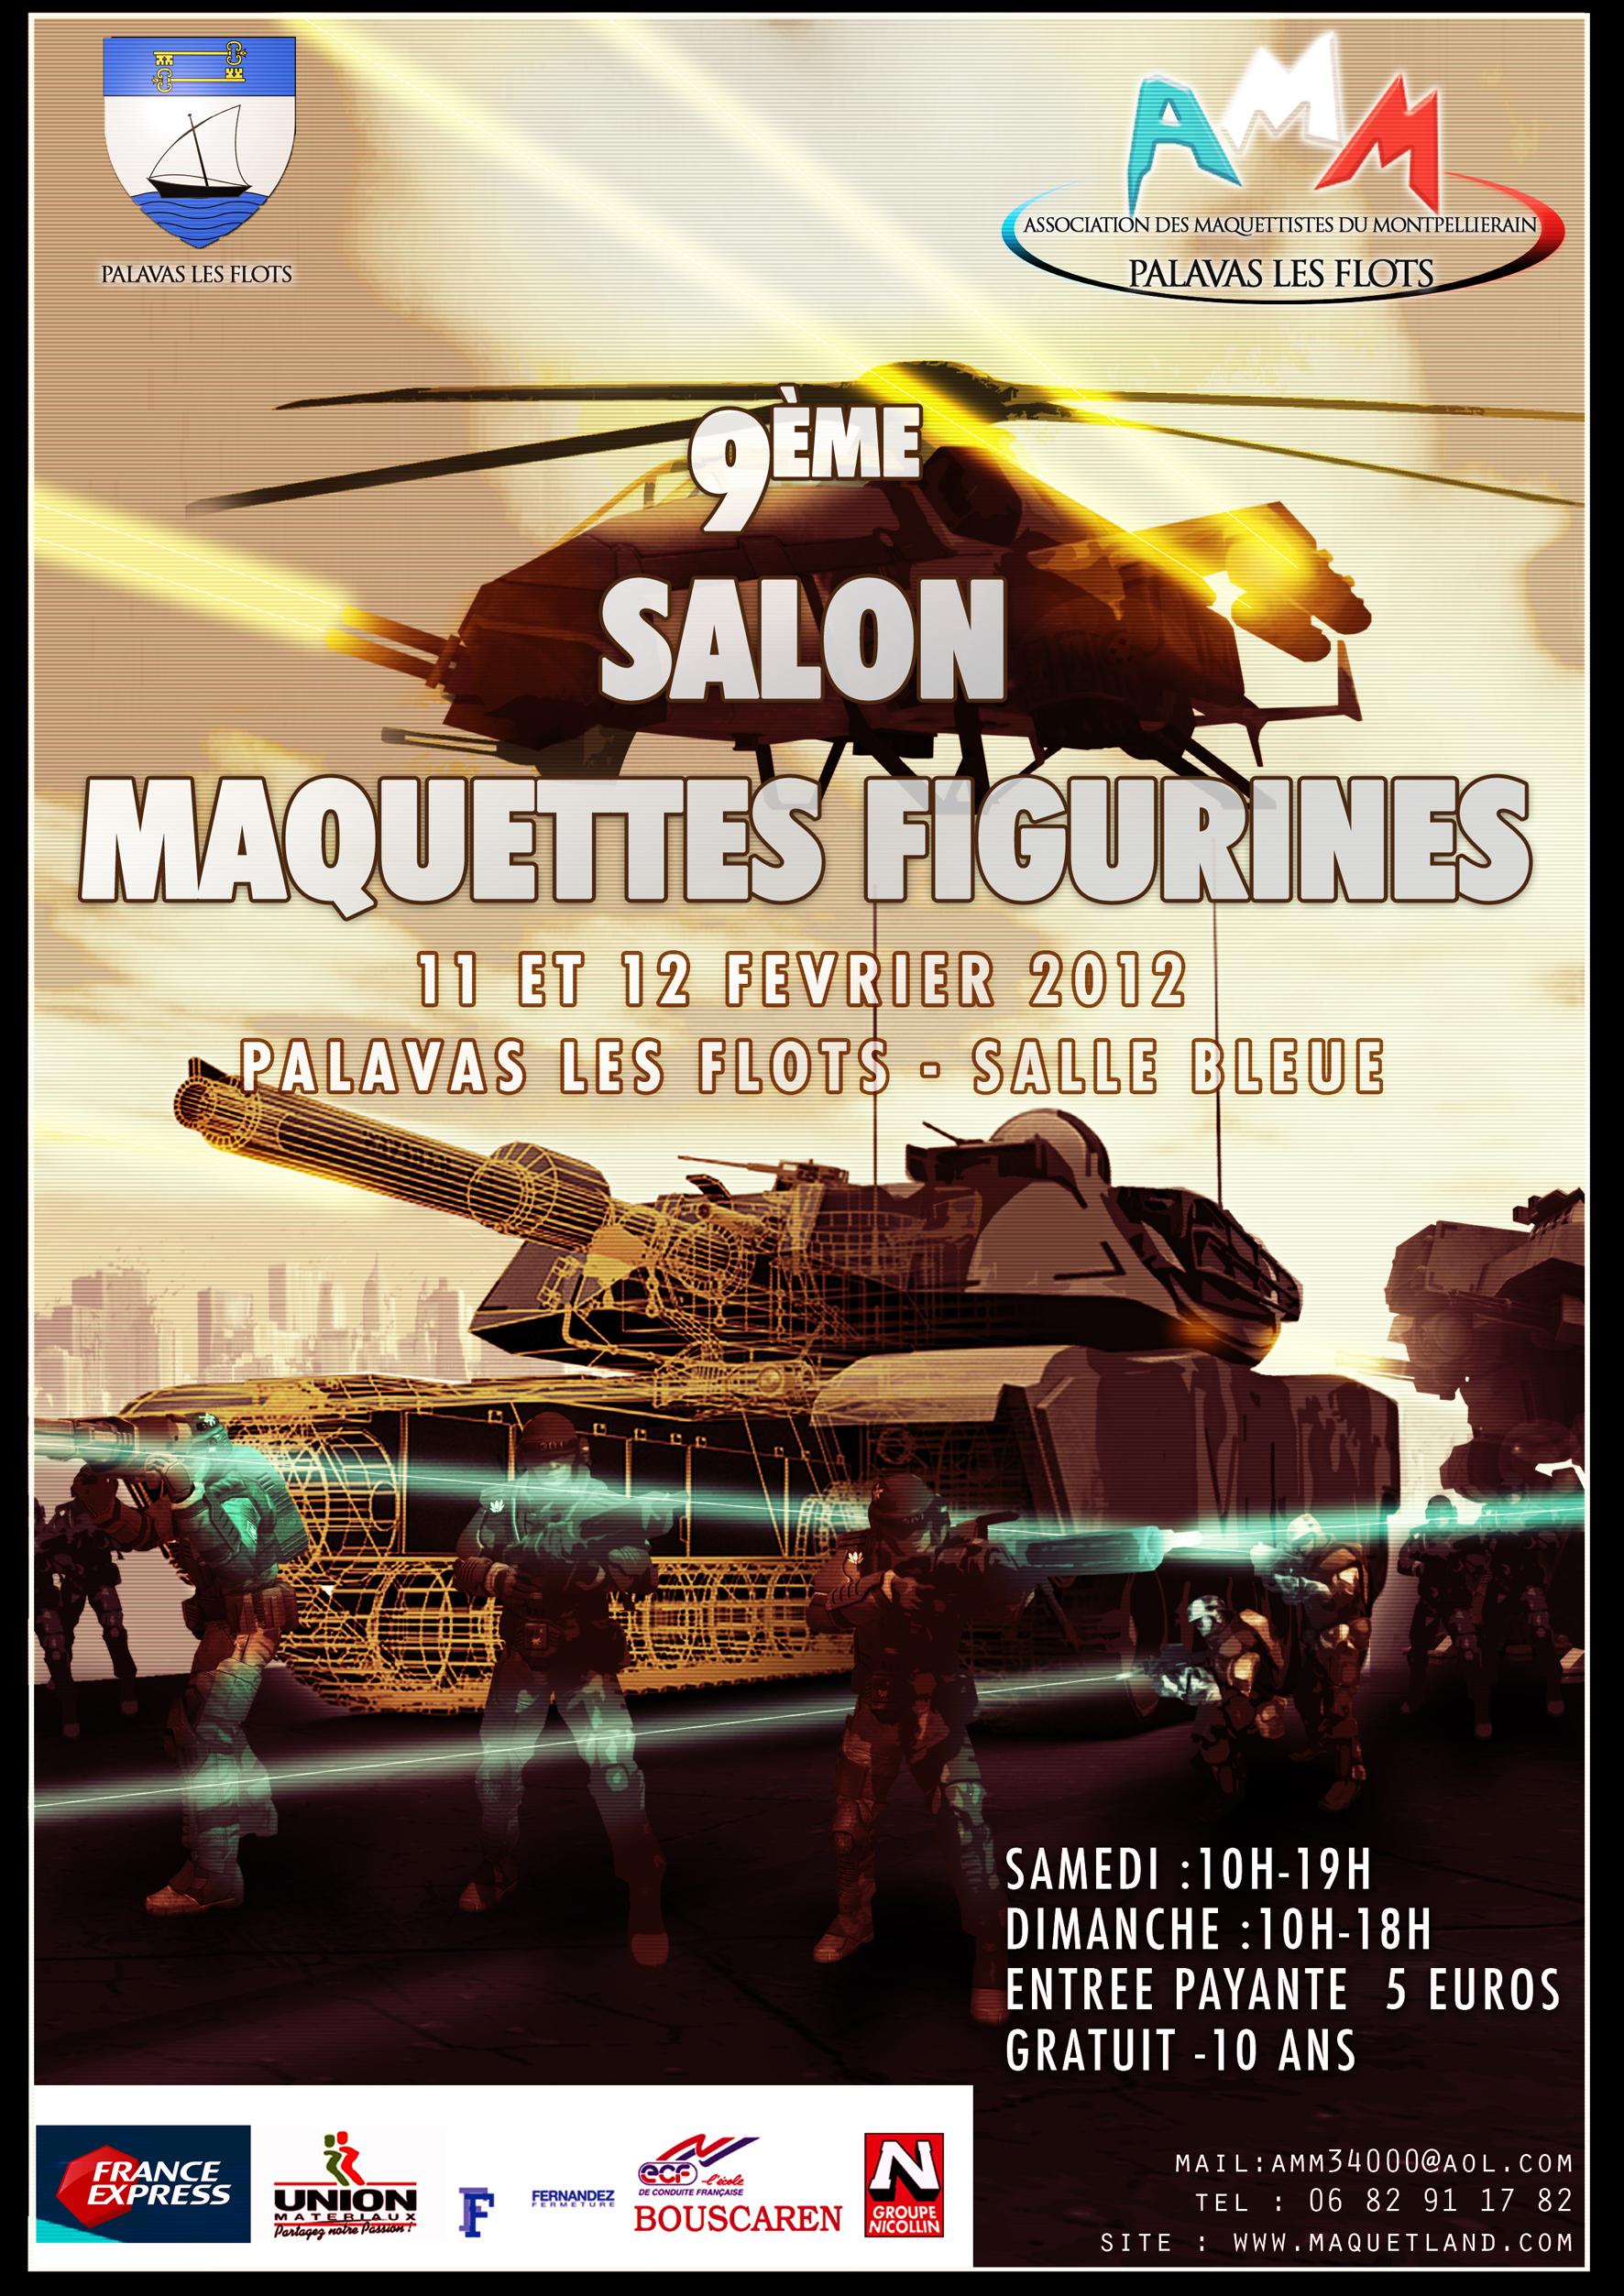 9e Salon de la Maquette 11 et 12 fevrier 2012 à Palavas (34) Affiche2012%20copie